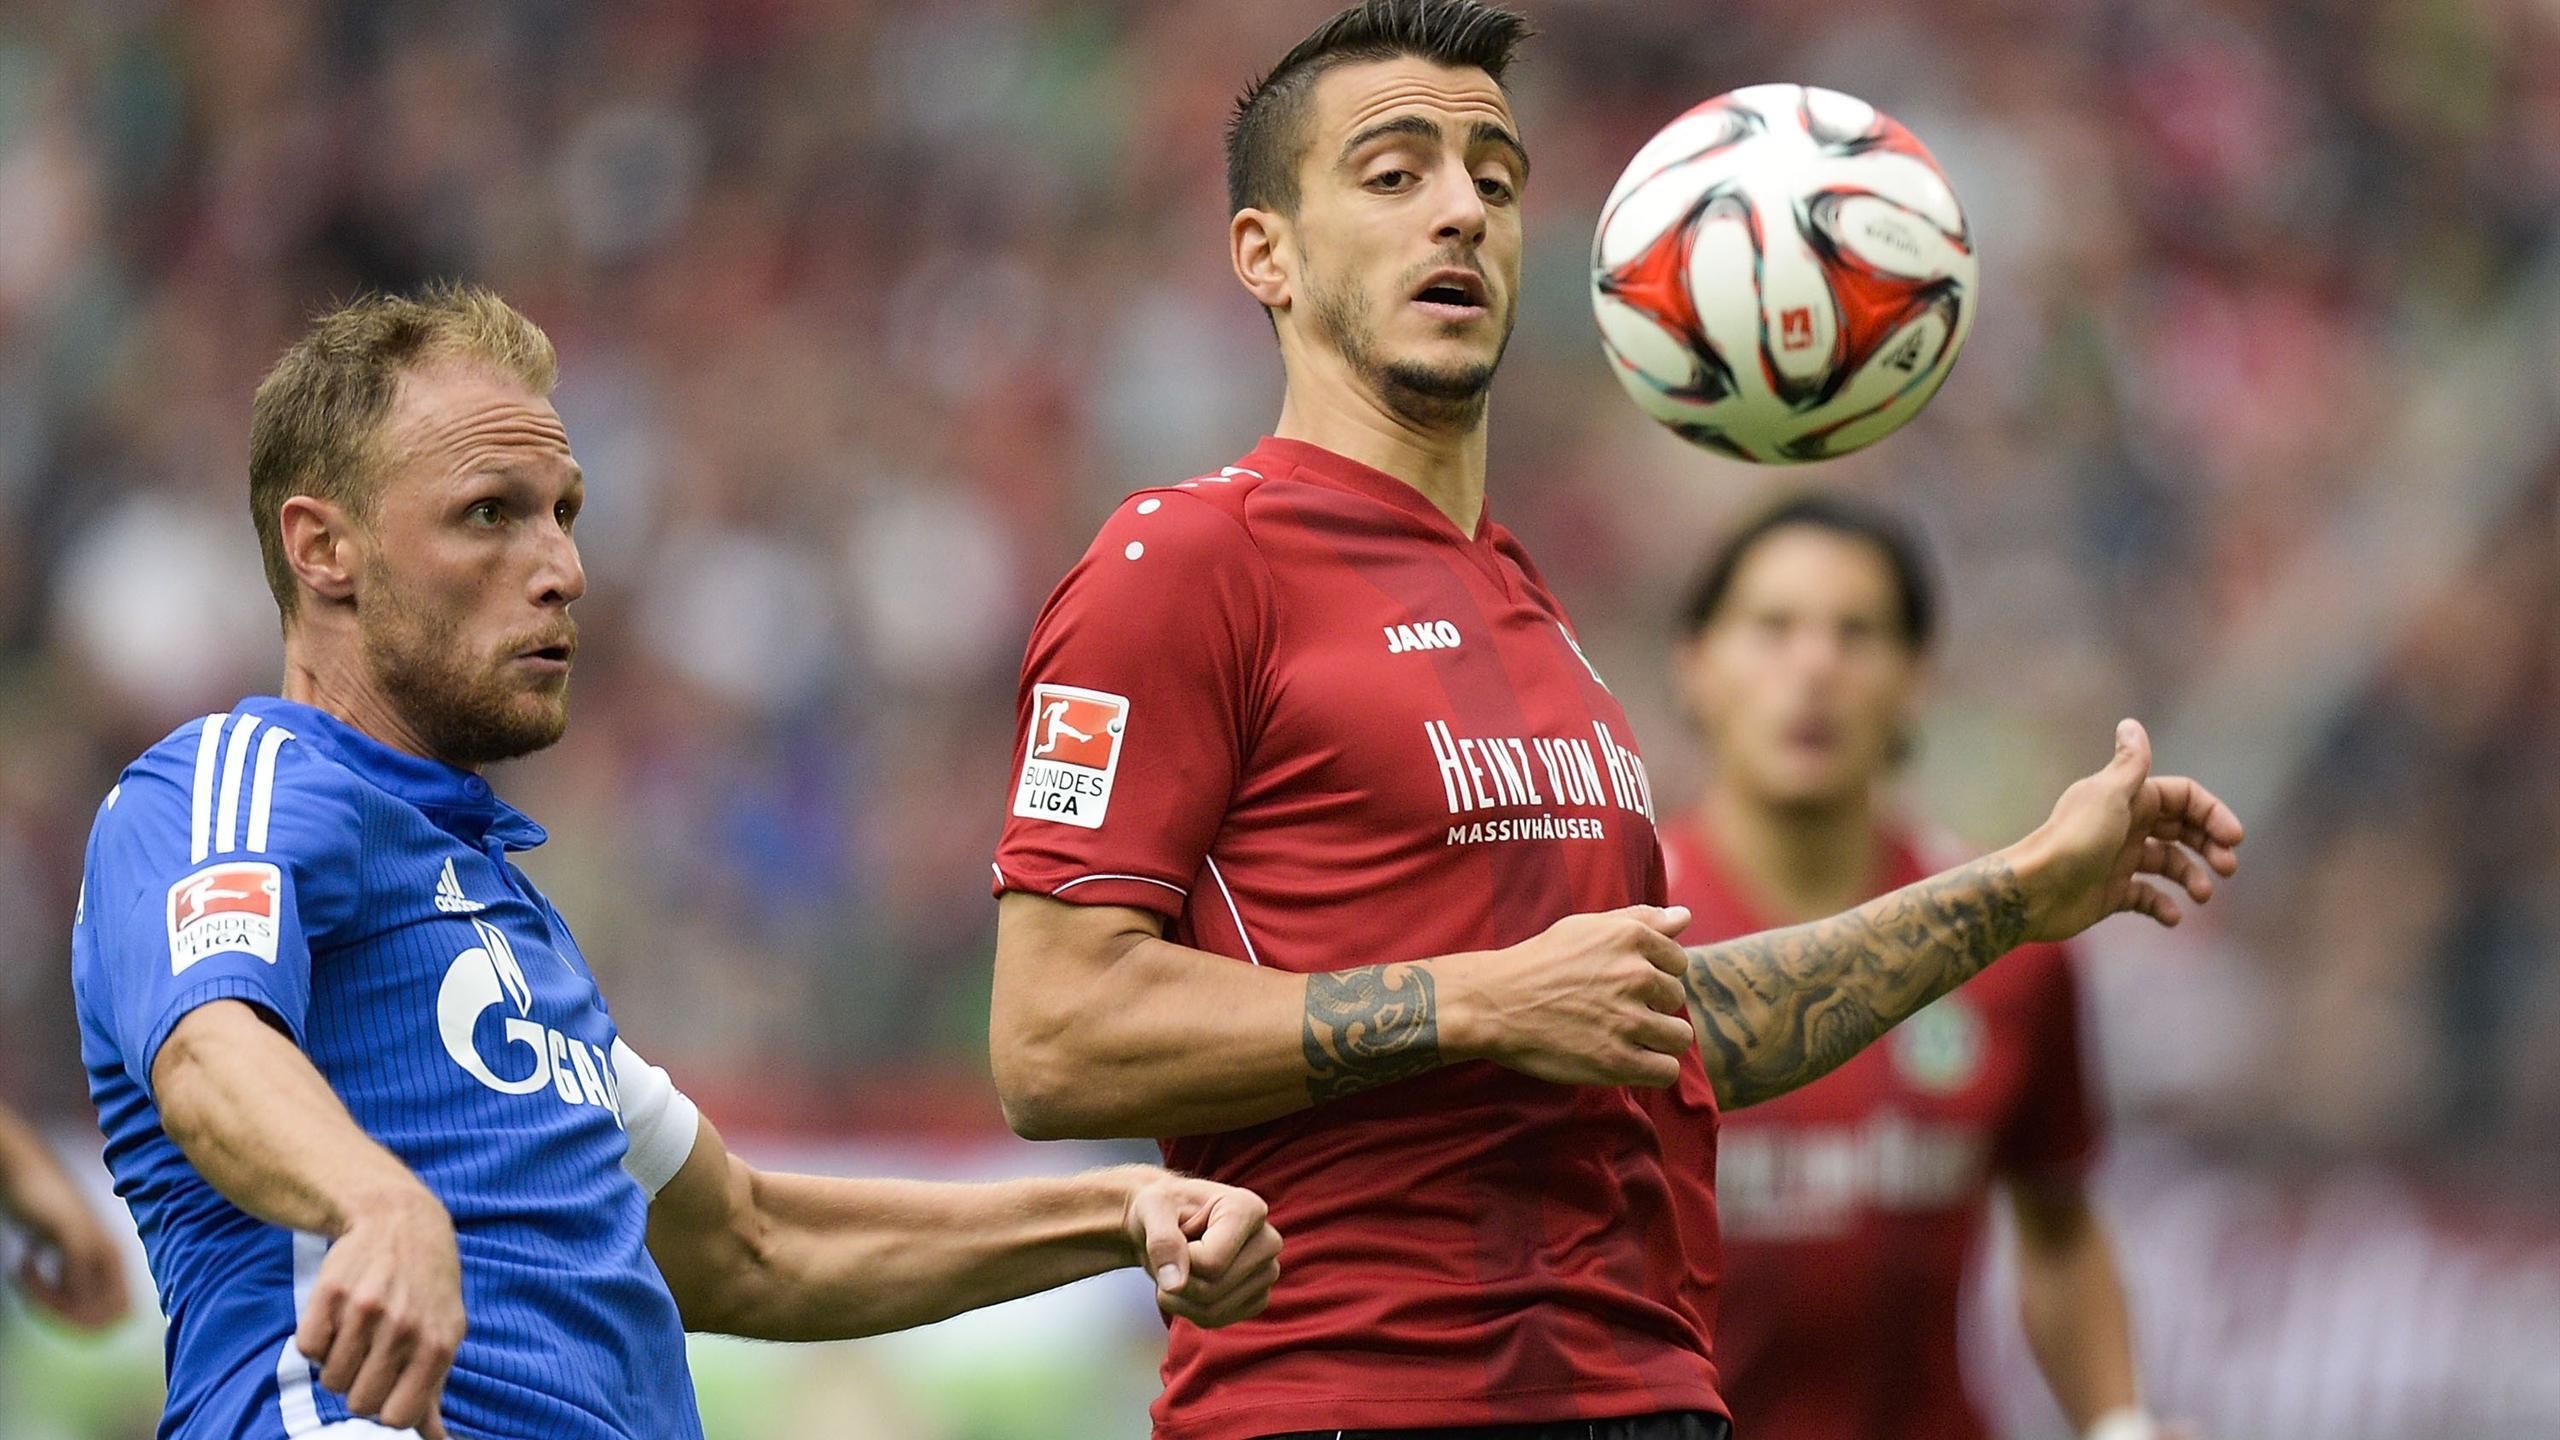 Video: Hannover 96 vs Schalke 04